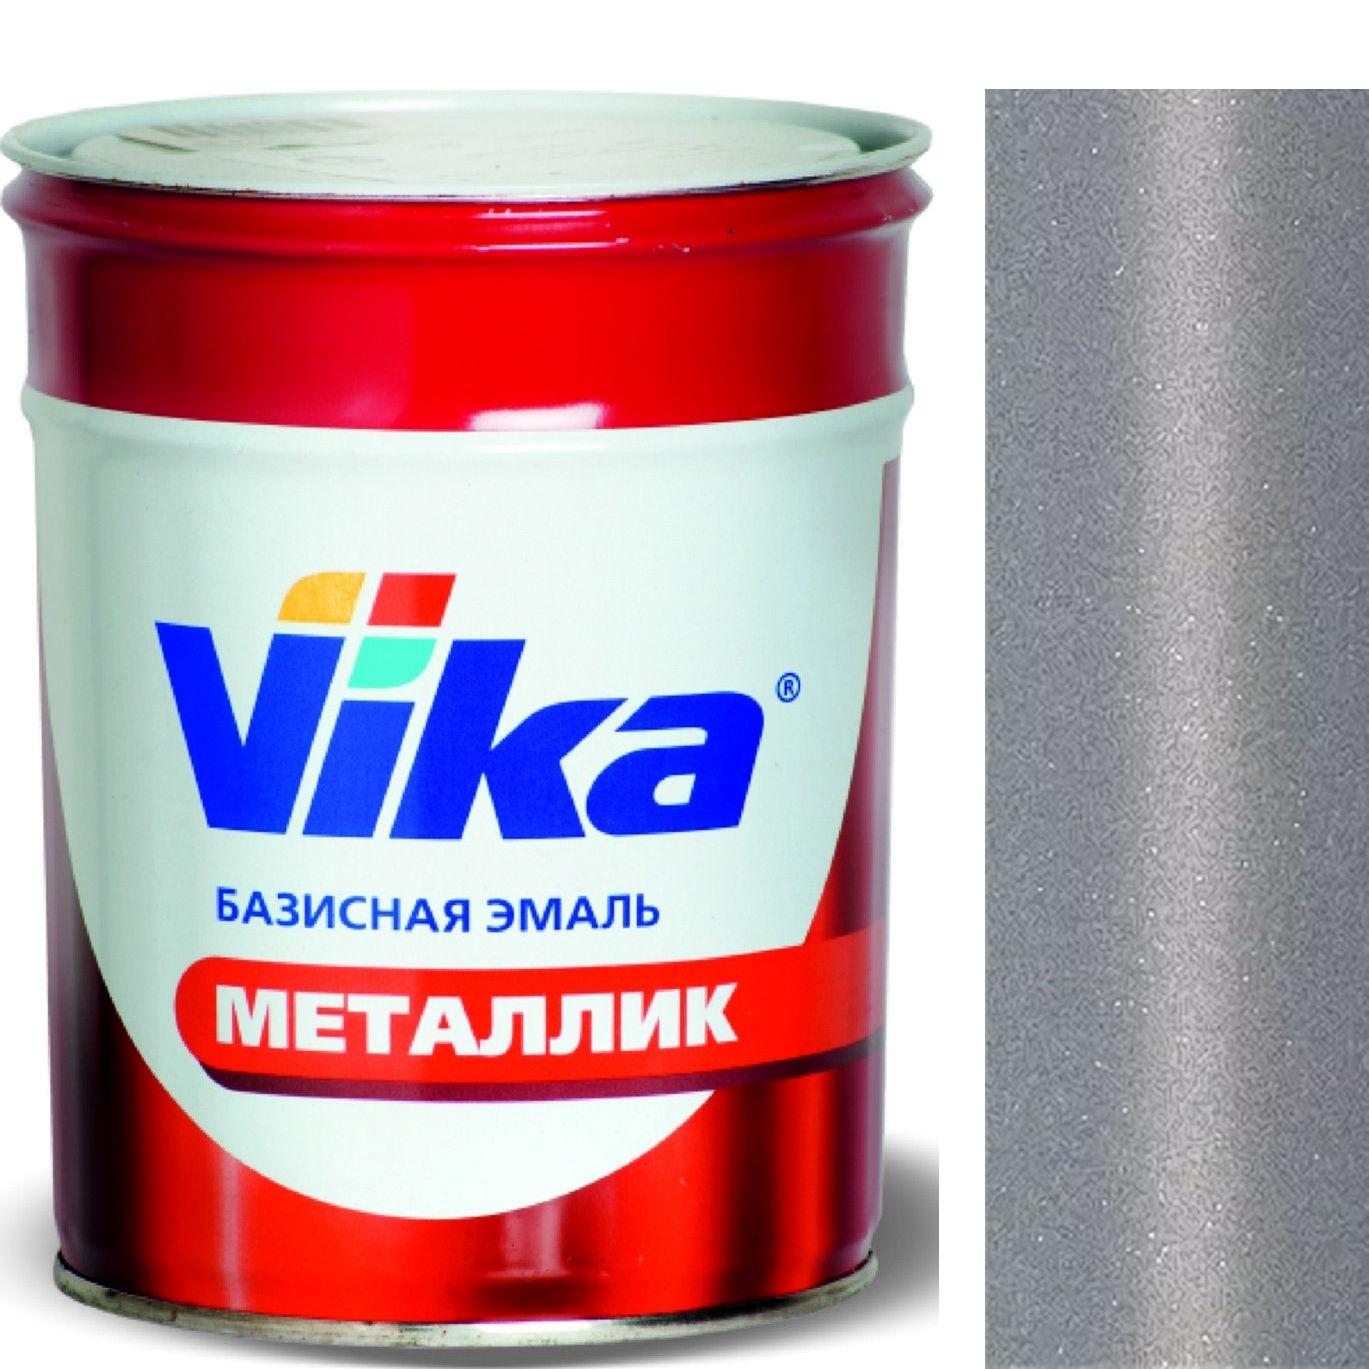 """Фото 12 - Автоэмаль """"Металлик"""" 137 Лава, профессиональная базовая,  """"Вика/Vika""""."""